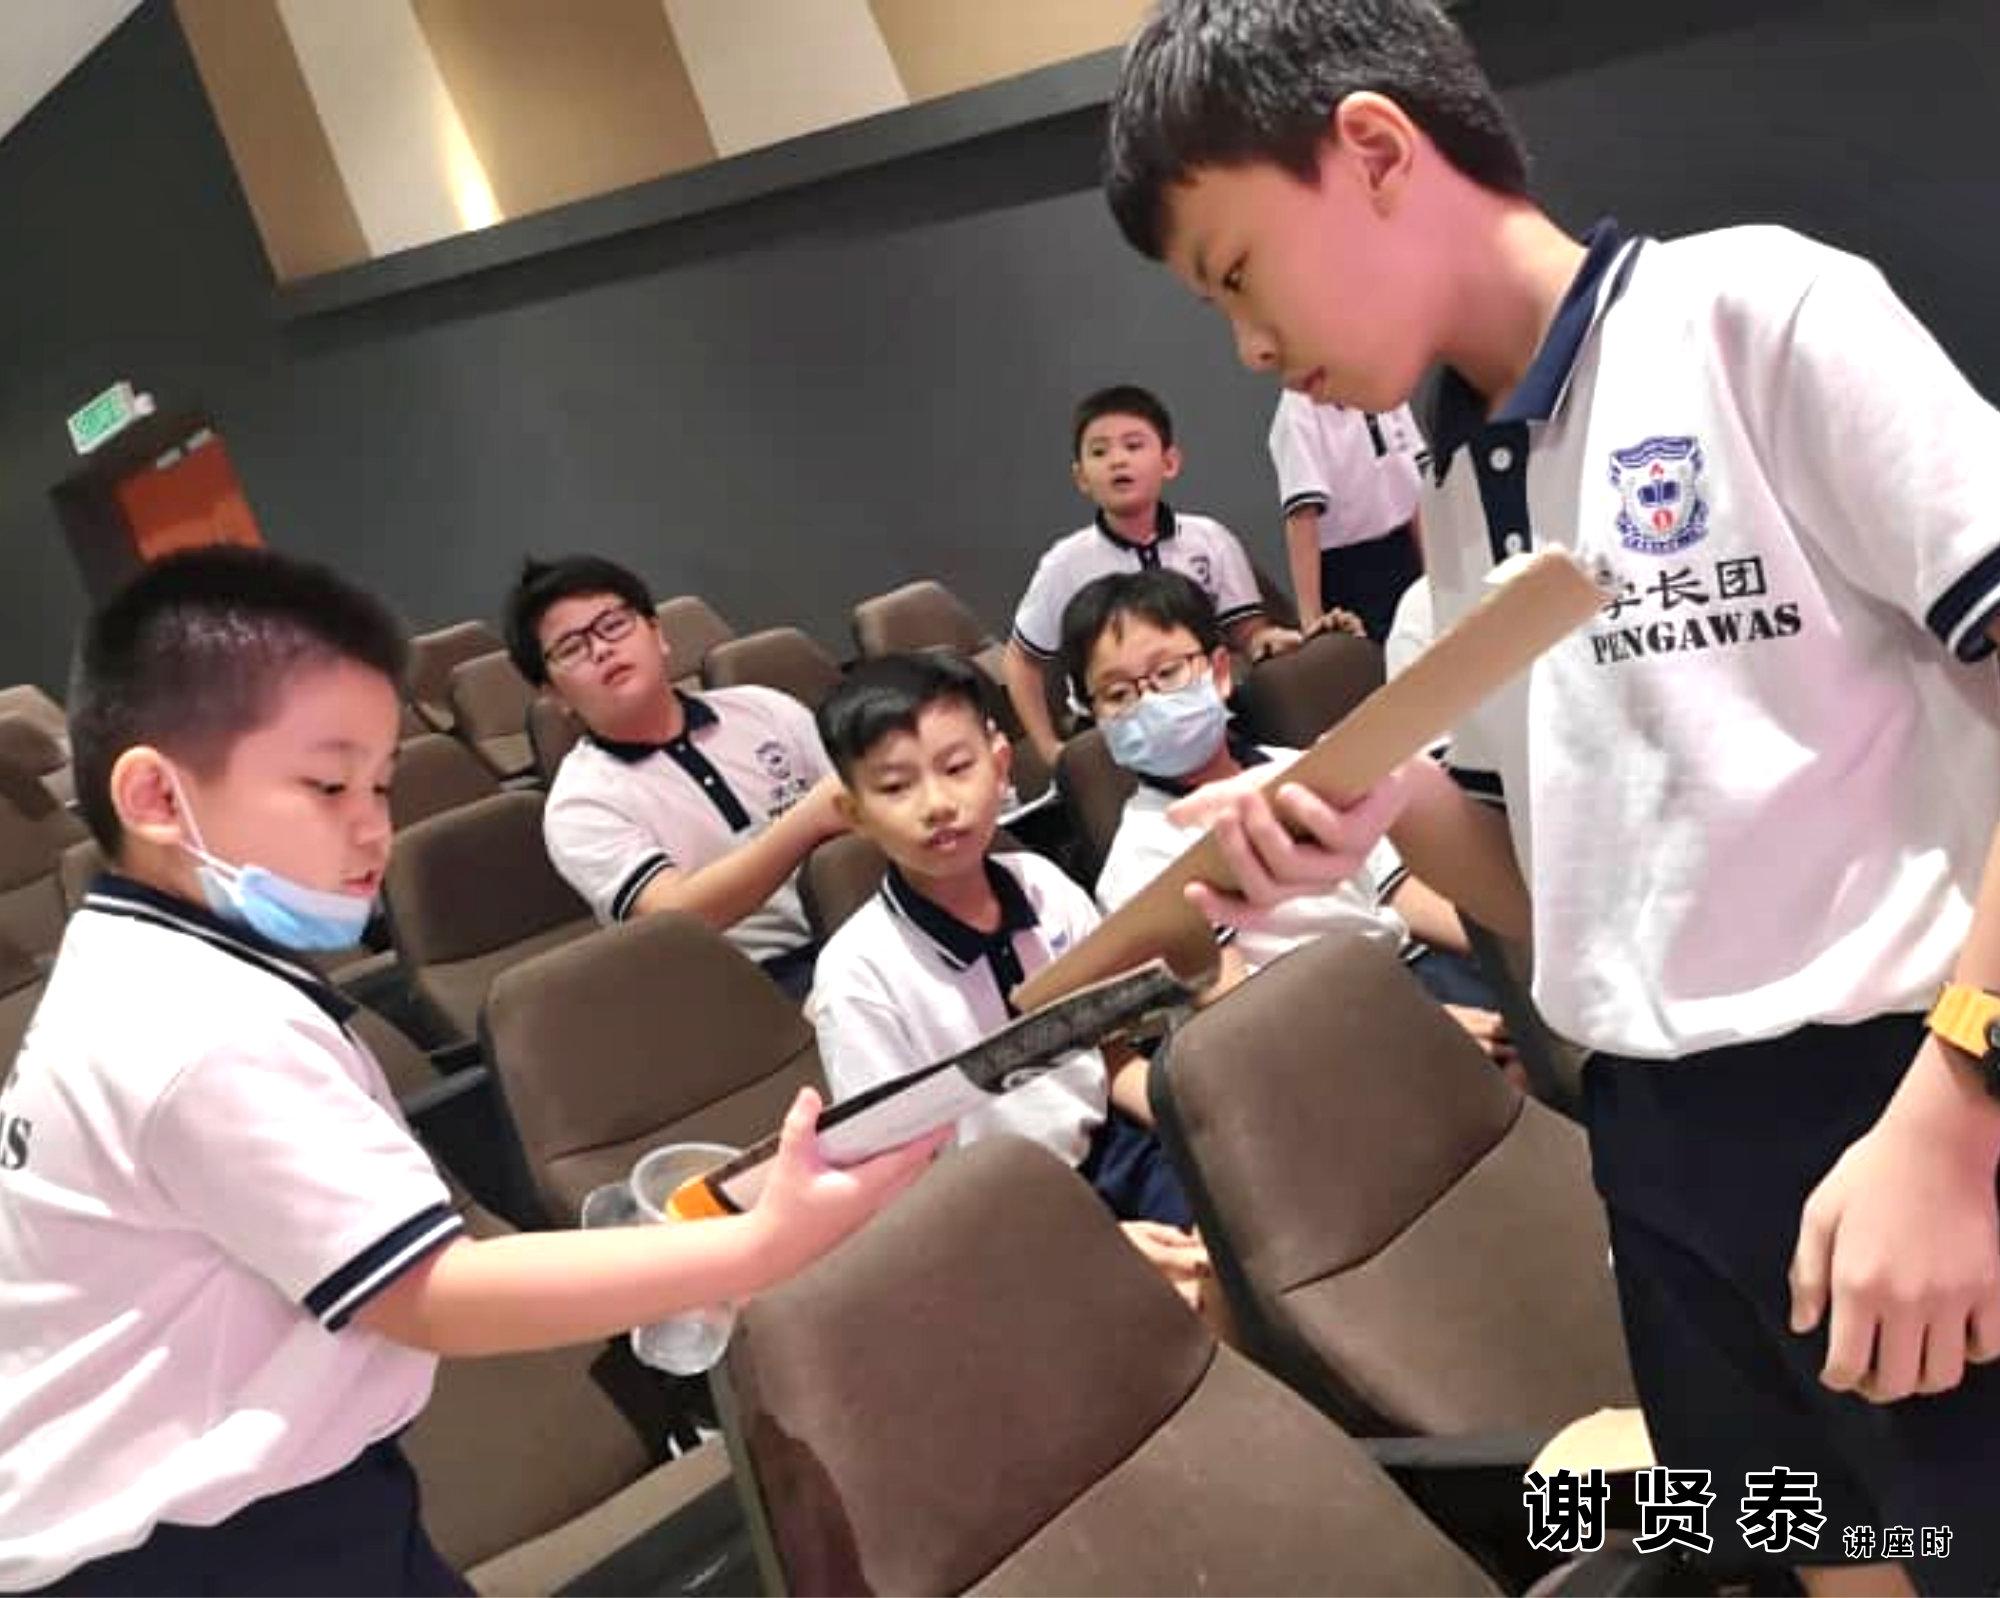 谢贤泰 新山宽柔一小 成为团队领袖 Be A Team Leader 2020小领袖培训营 麻坡小学领袖培训 新山小学培训 A030